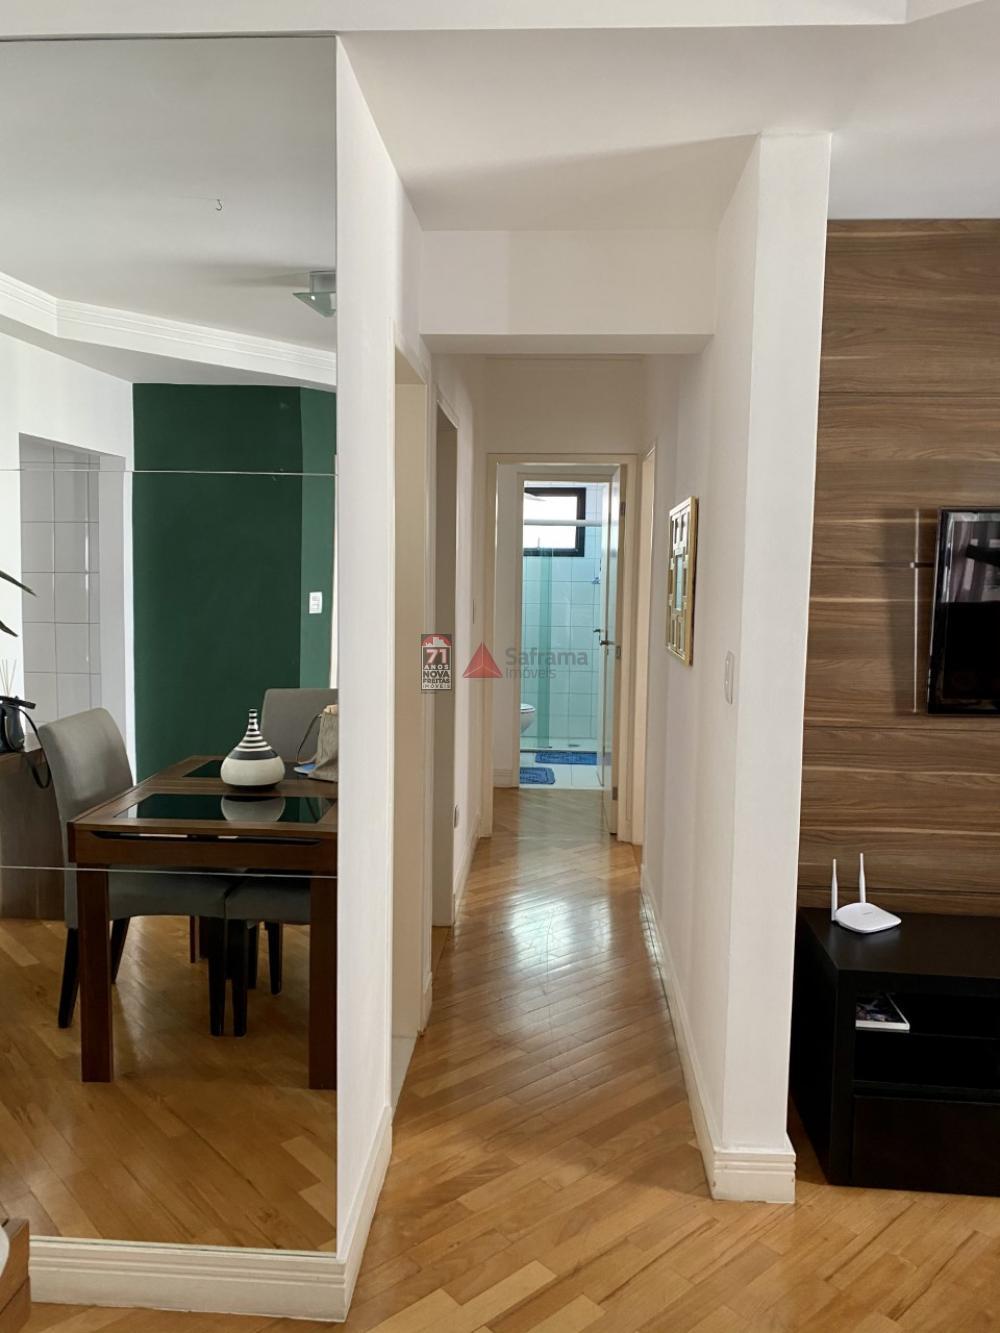 Alugar Apartamento / Padrão em São José dos Campos apenas R$ 2.800,00 - Foto 5